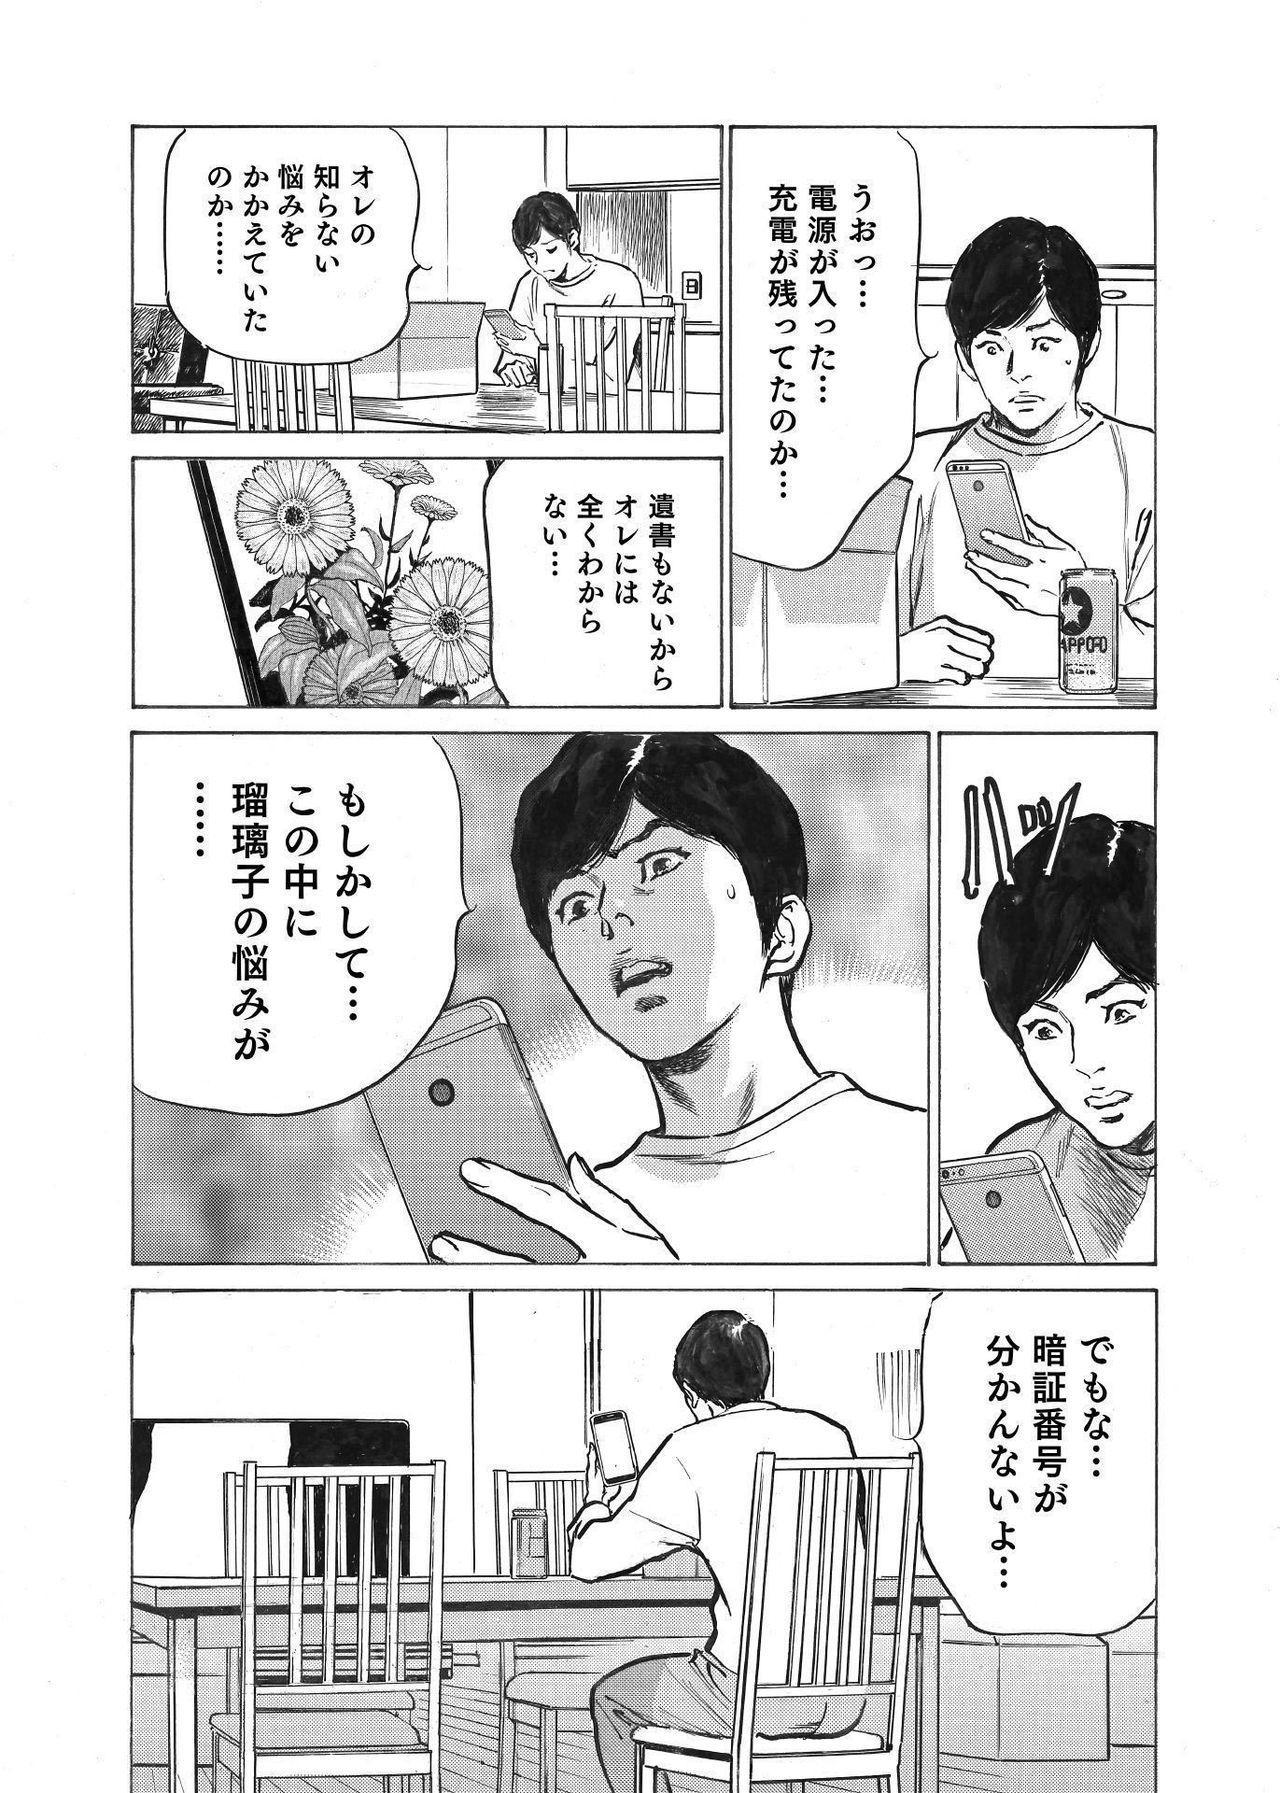 Ore wa Tsuma no Koto o Yoku Shiranai 1-9 19